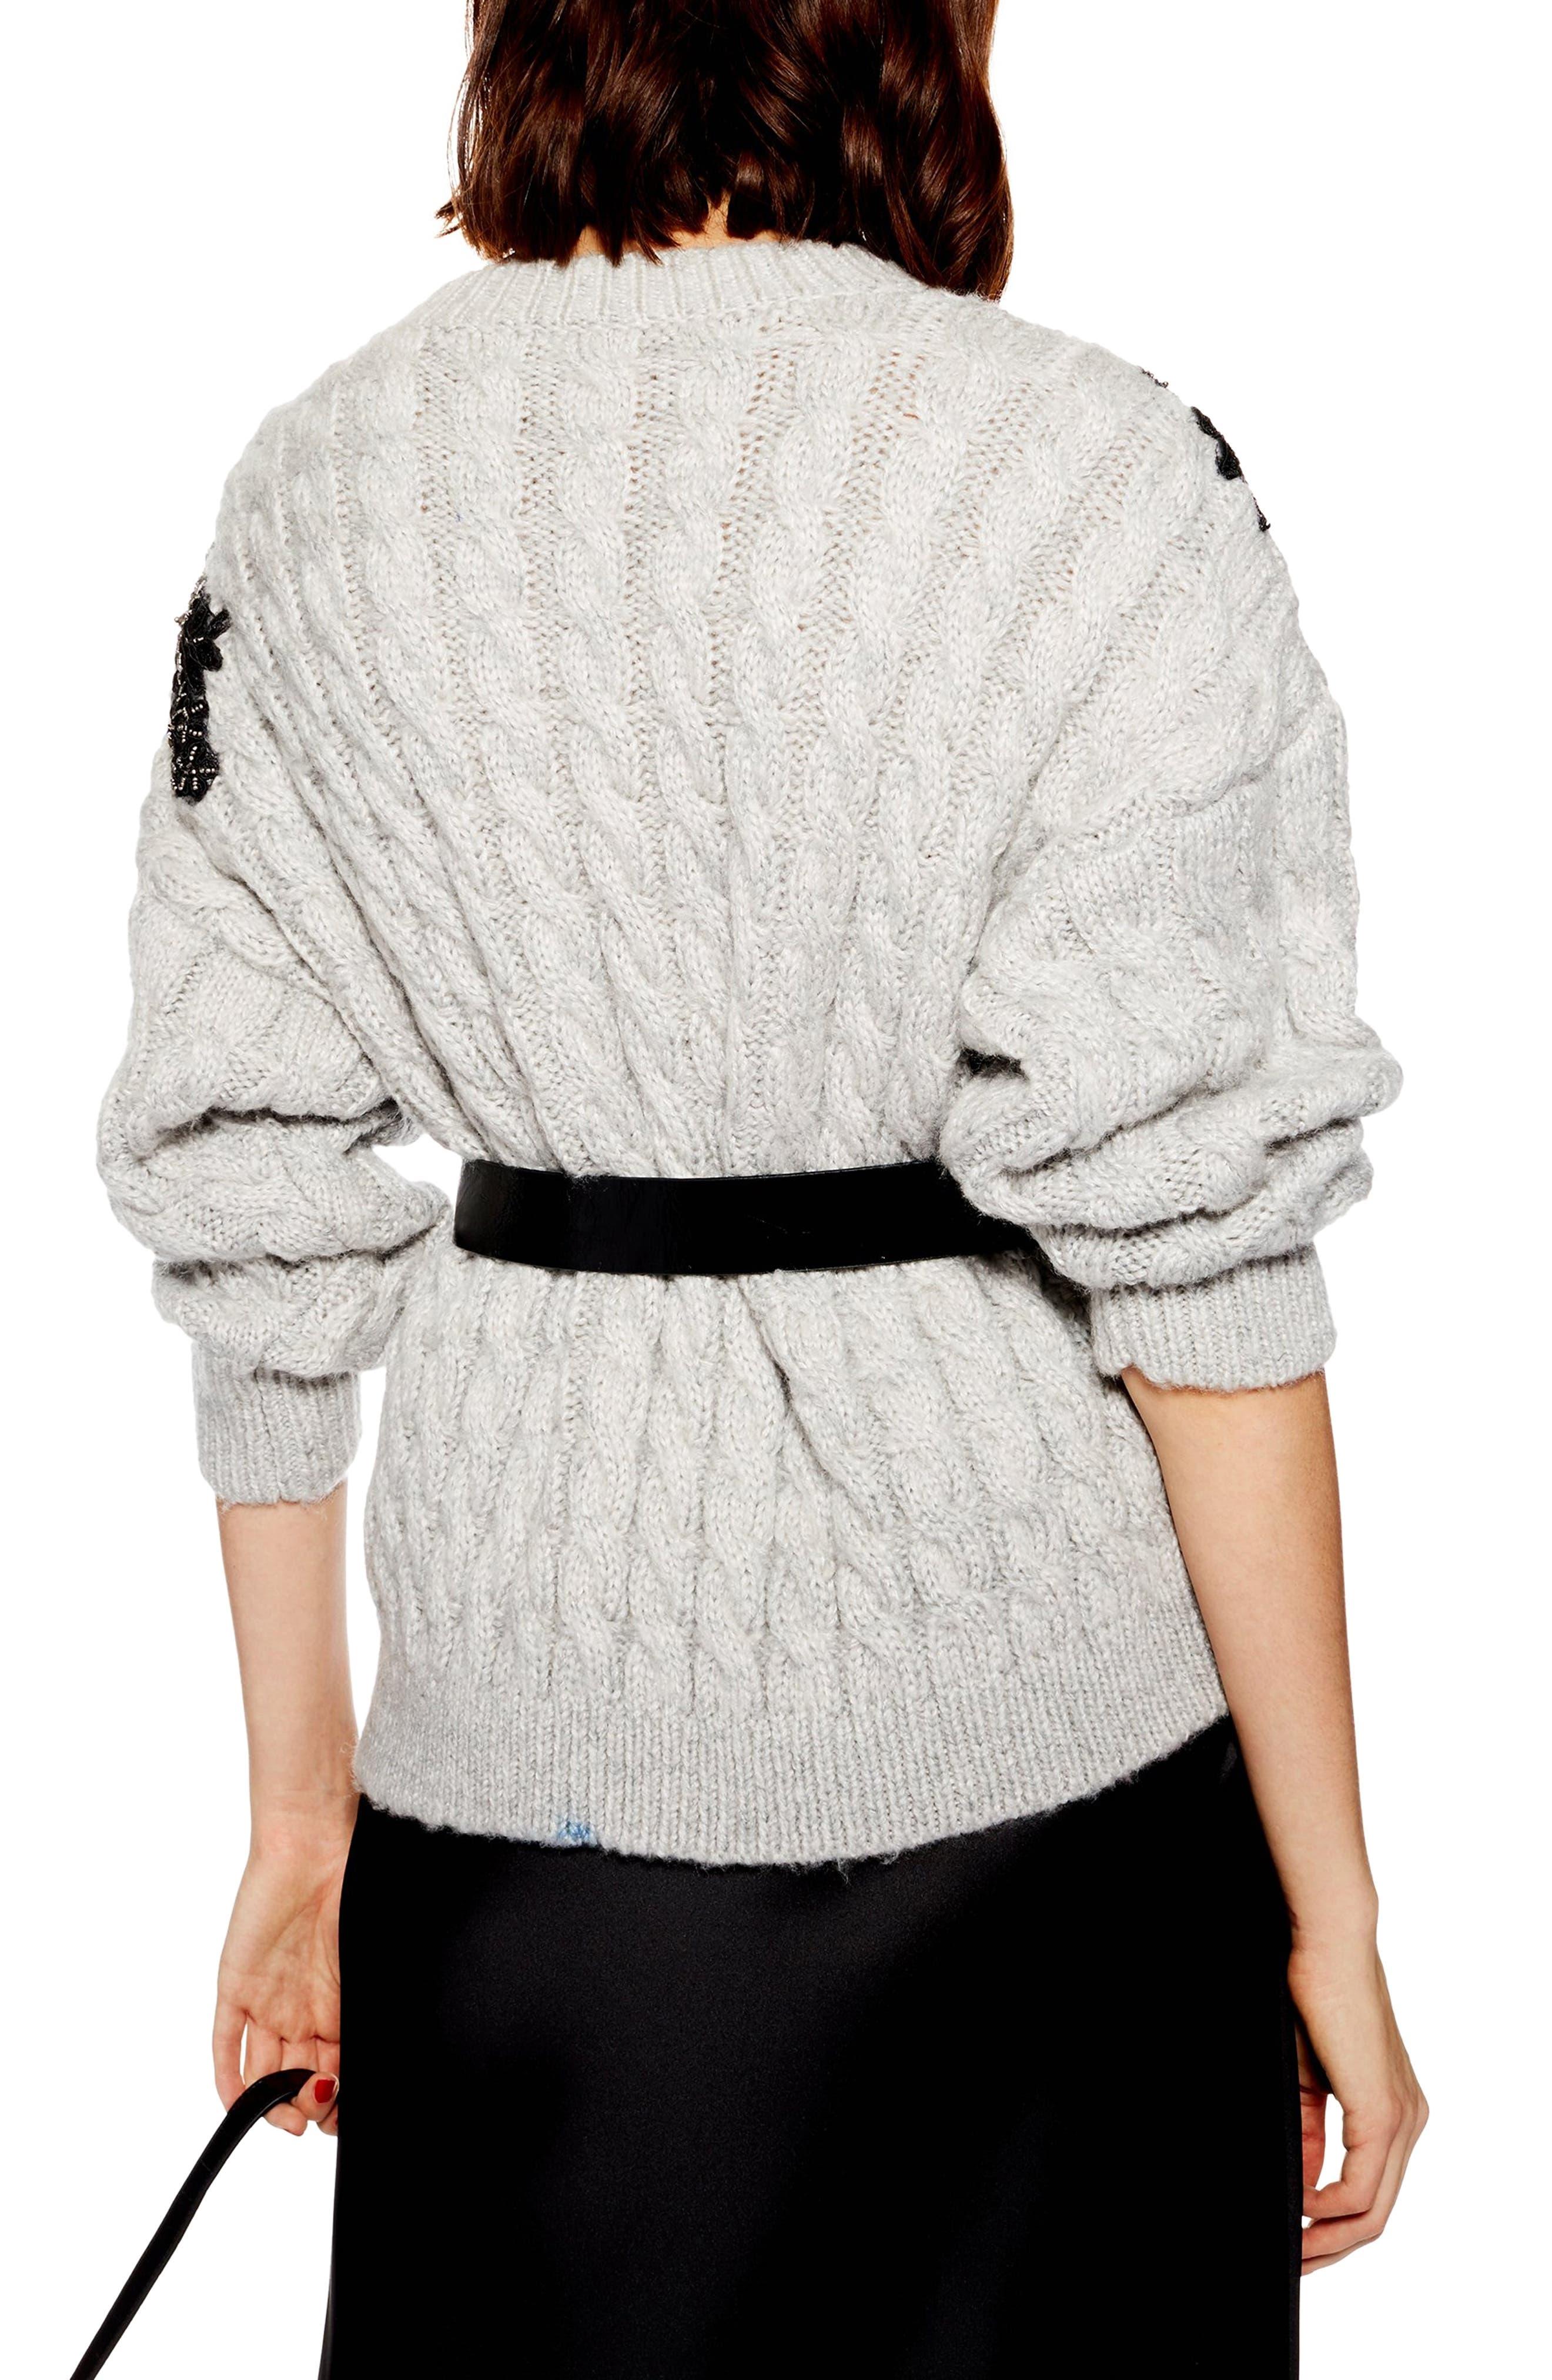 TOPSHOP,                             Appliqué Cable Knit Sweater,                             Alternate thumbnail 2, color,                             020